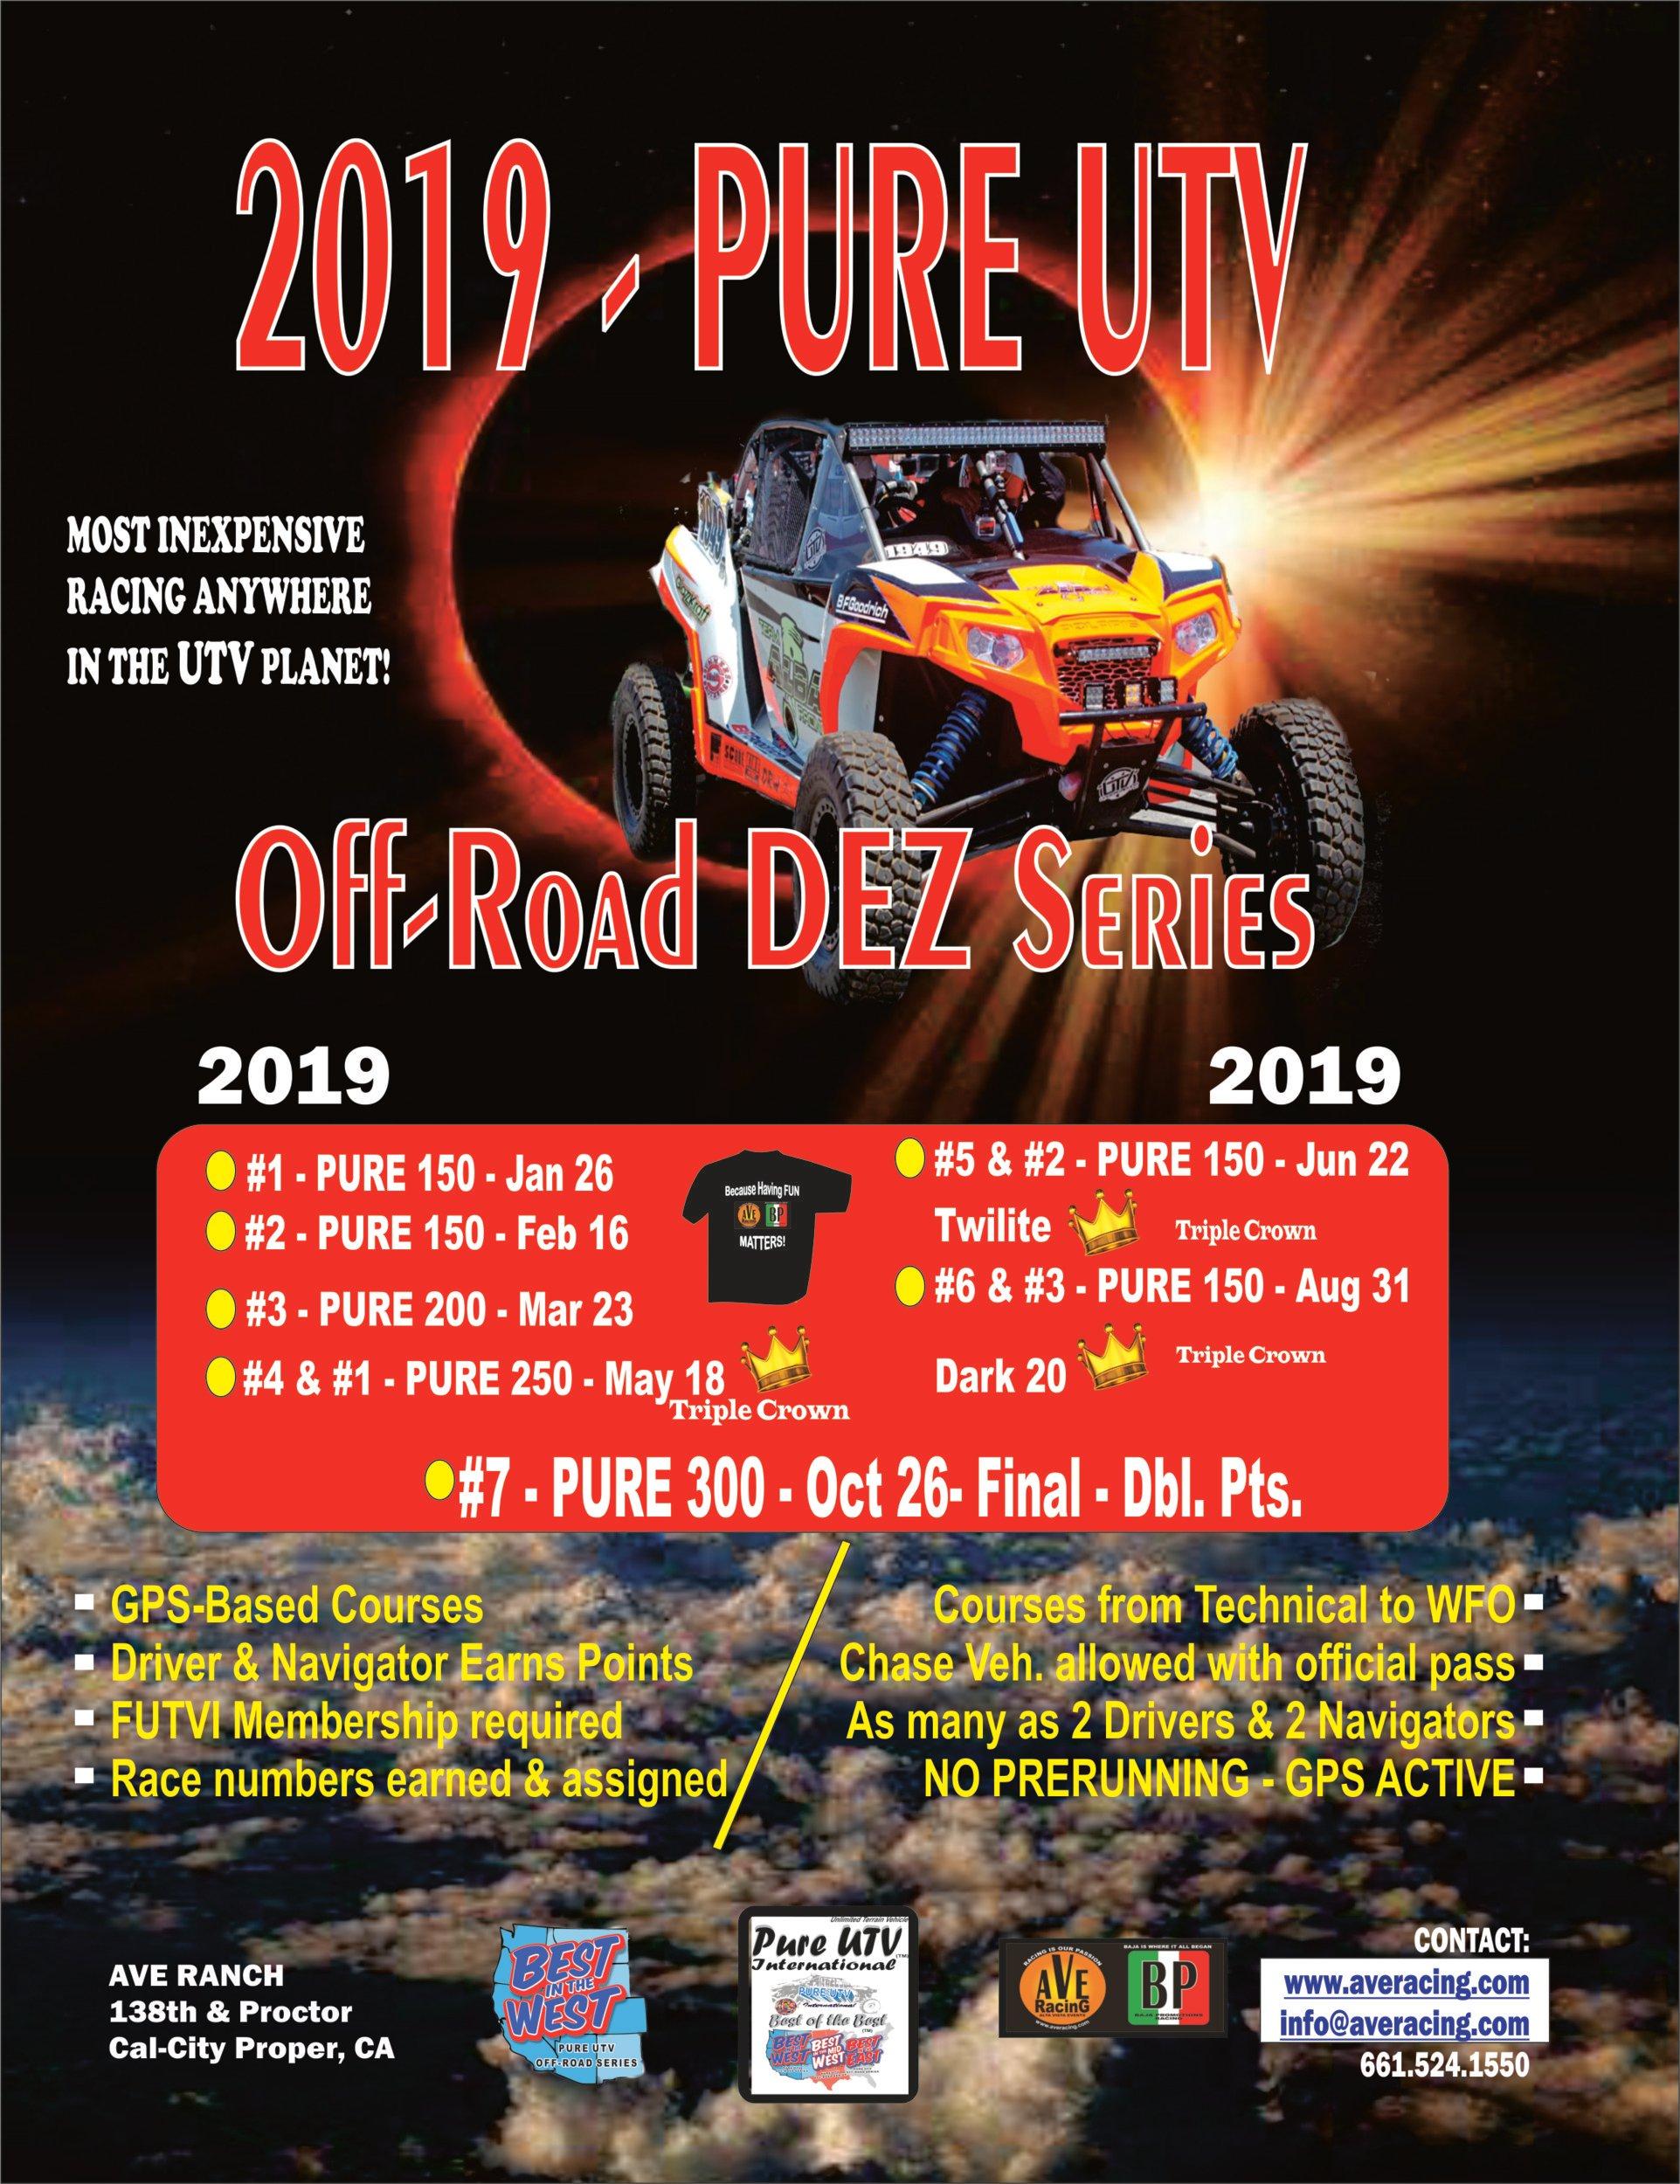 19-PURE-UTV-#1-Off-Road-Dez-Series-Flyer-DEC17.jpg